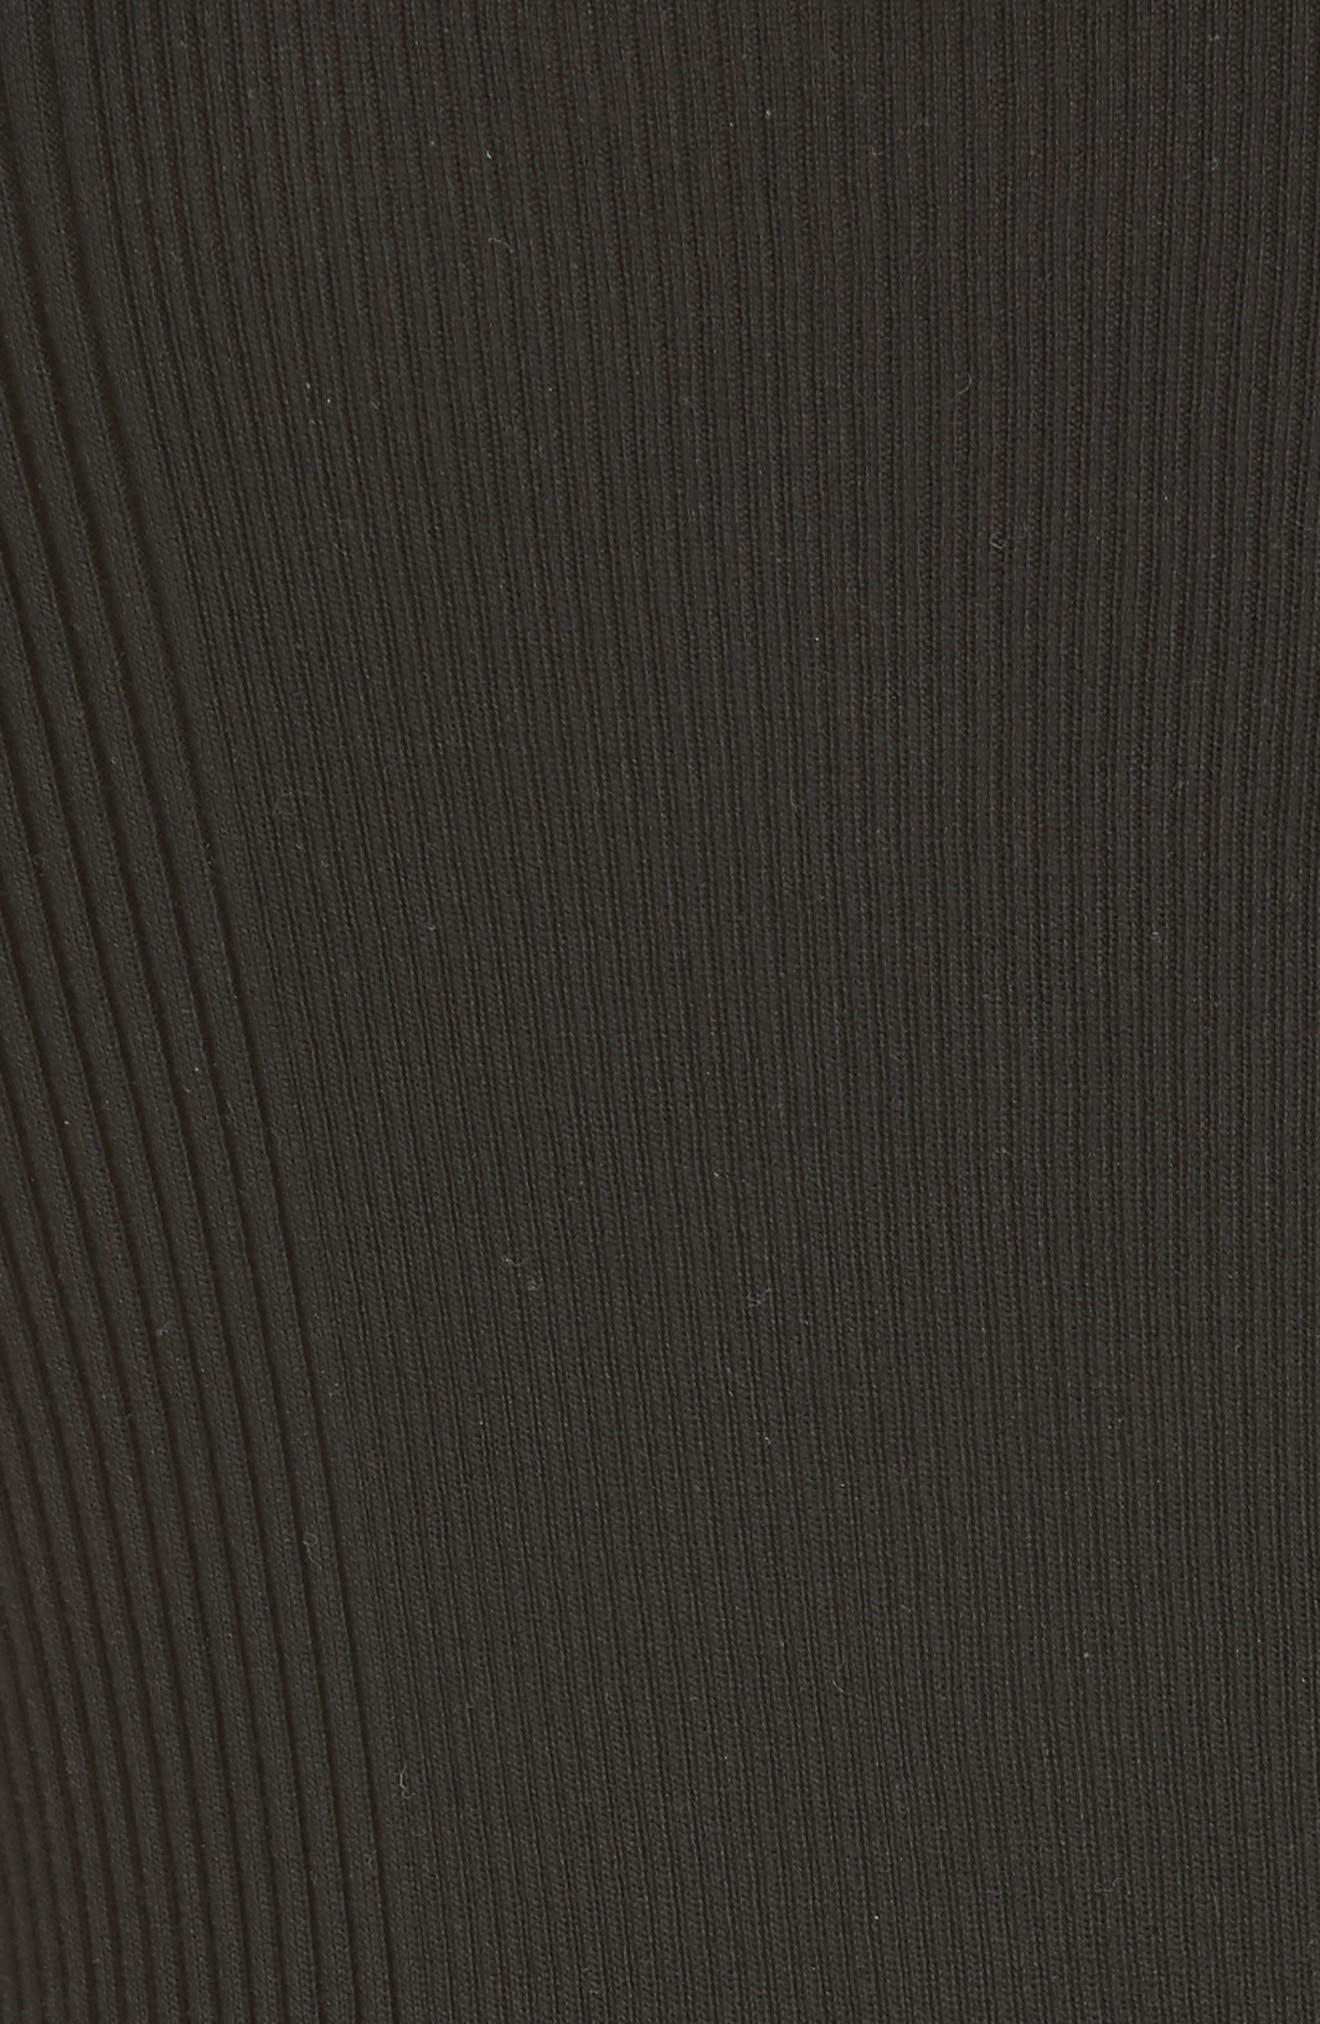 Alternate Image 3  - Alexander Wang Ruffled Rib Knit Tee